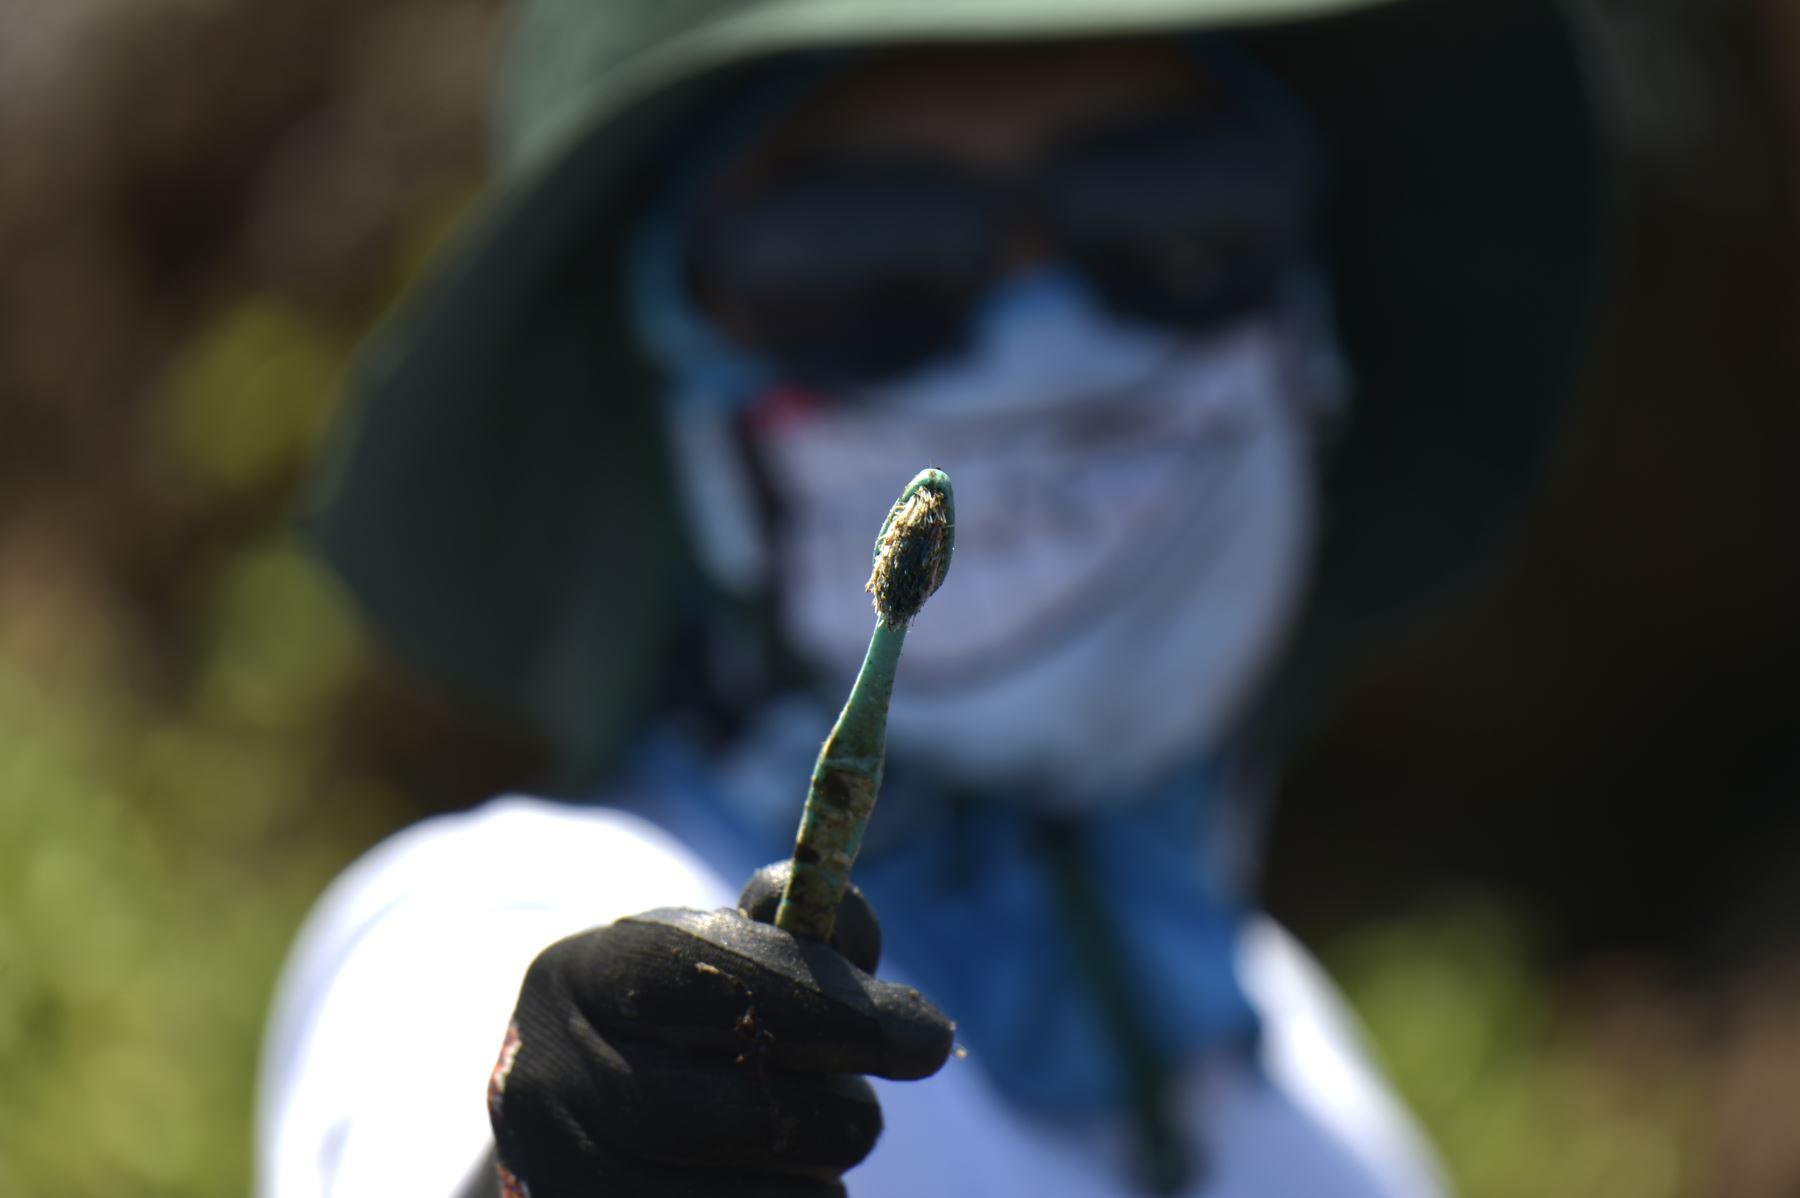 Un voluntario muestra un cepillo de dientes recolectado en la costa de la isla Isabela en el archipiélago de Galápagos en el Océano Pacífico, a 1000 km de la costa de Ecuador.Foto:AFP